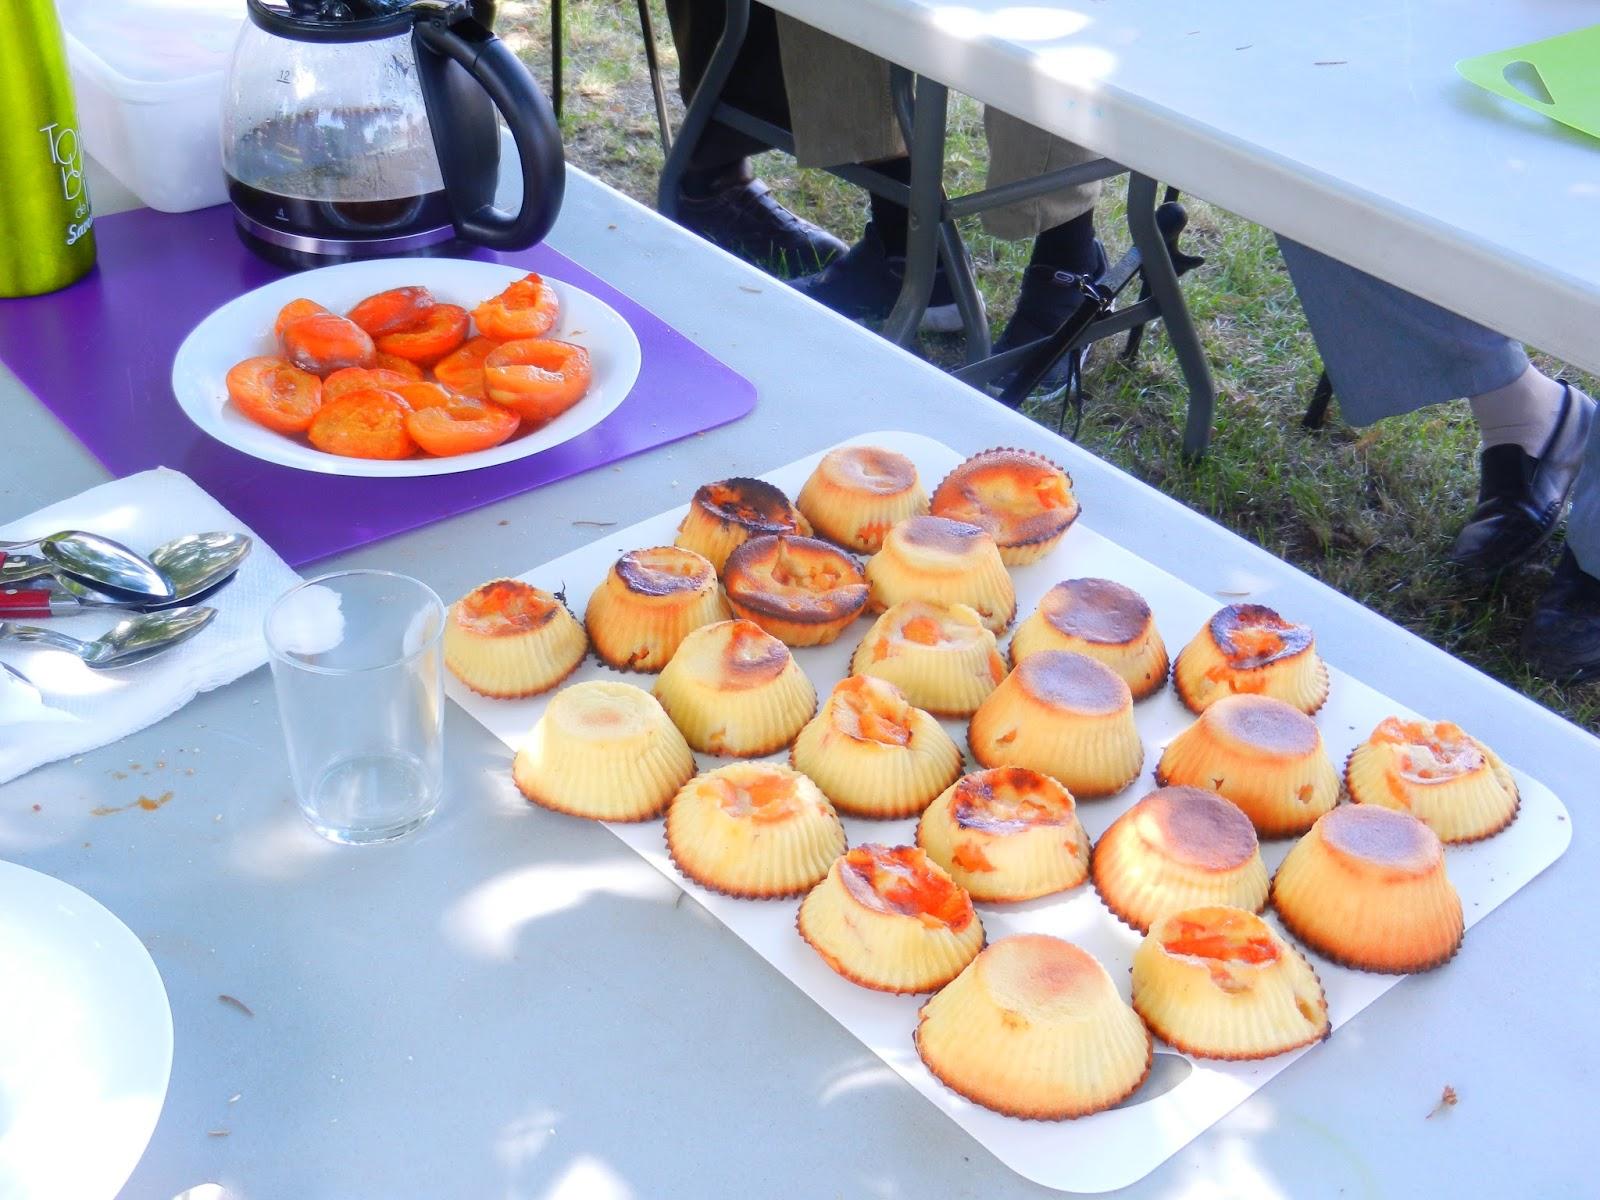 Association clair de lune sablons 38 cours de cuisine for Association cours de cuisine